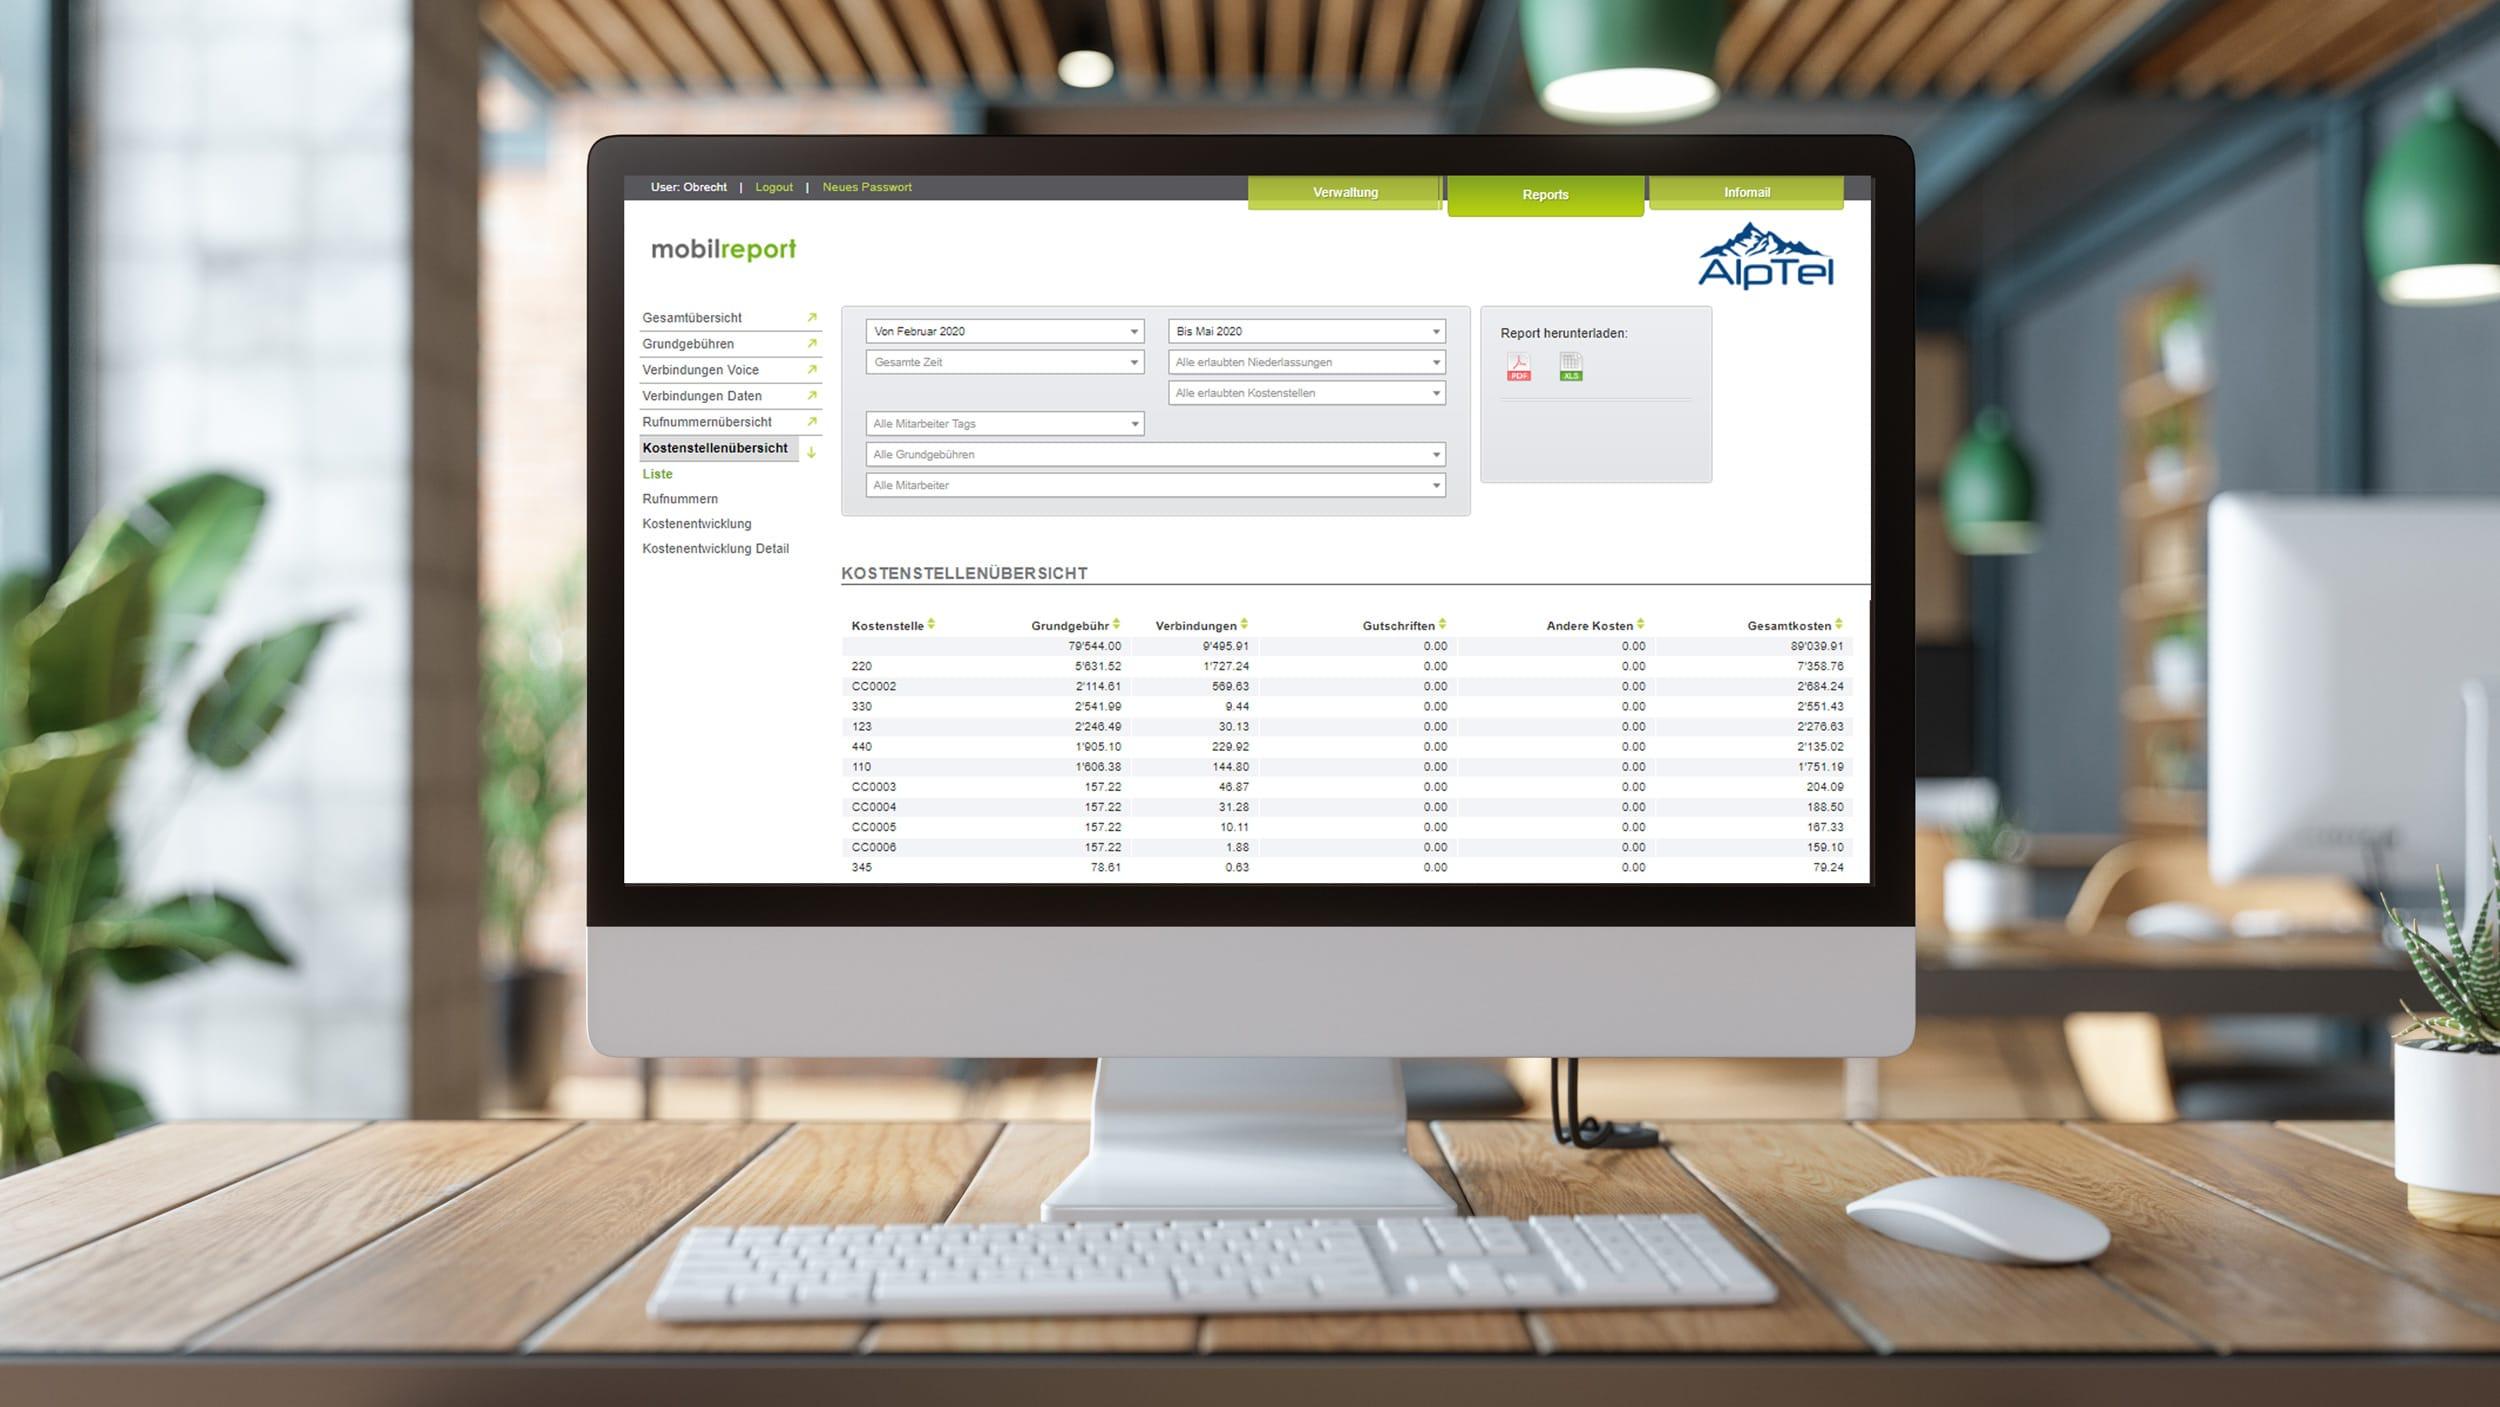 Tool mobilreport by Alptel für Analyse von Kosten und Nutzung aller Mobile Abos im Unternehmen